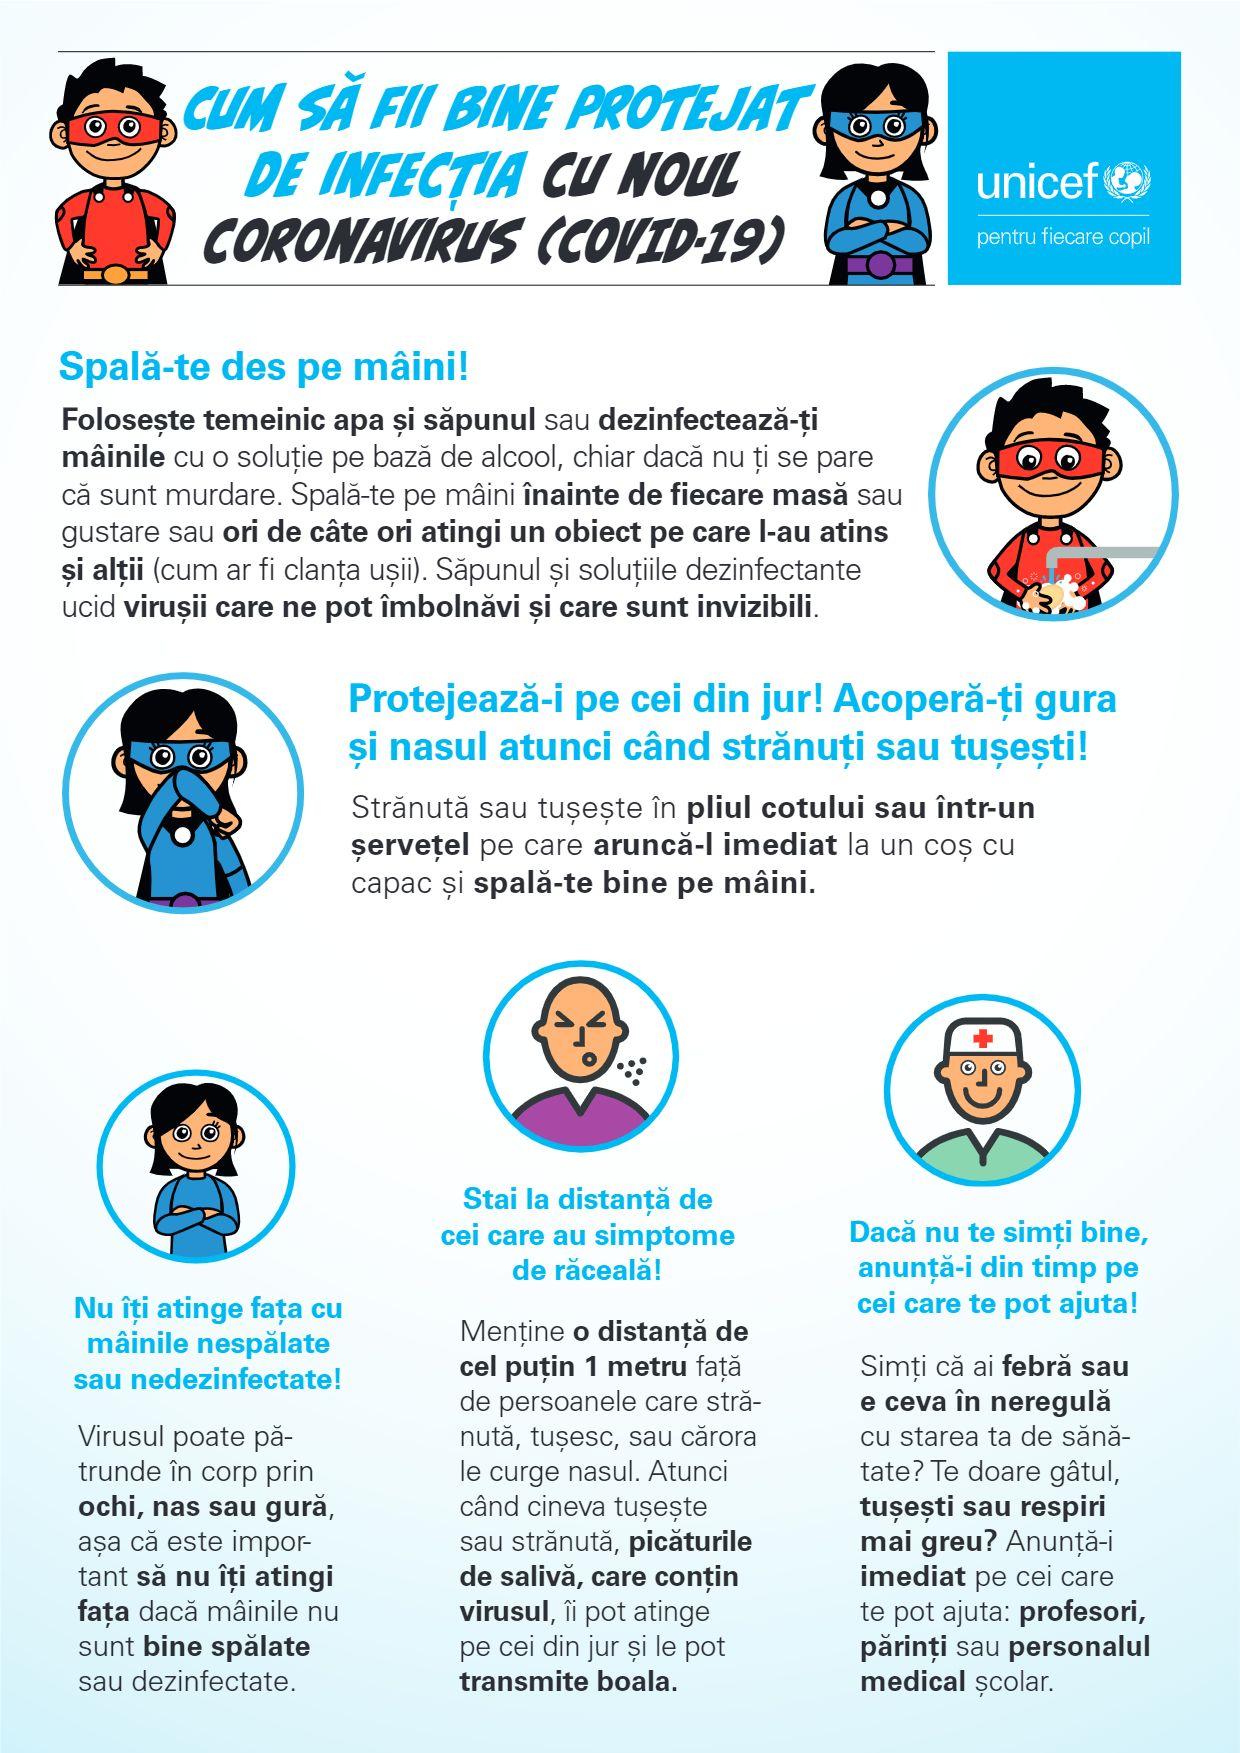 FICR, UNICEF și OMS au emis recomandări privind protecția copiilor și sprijinirea activităților școlare în siguranță